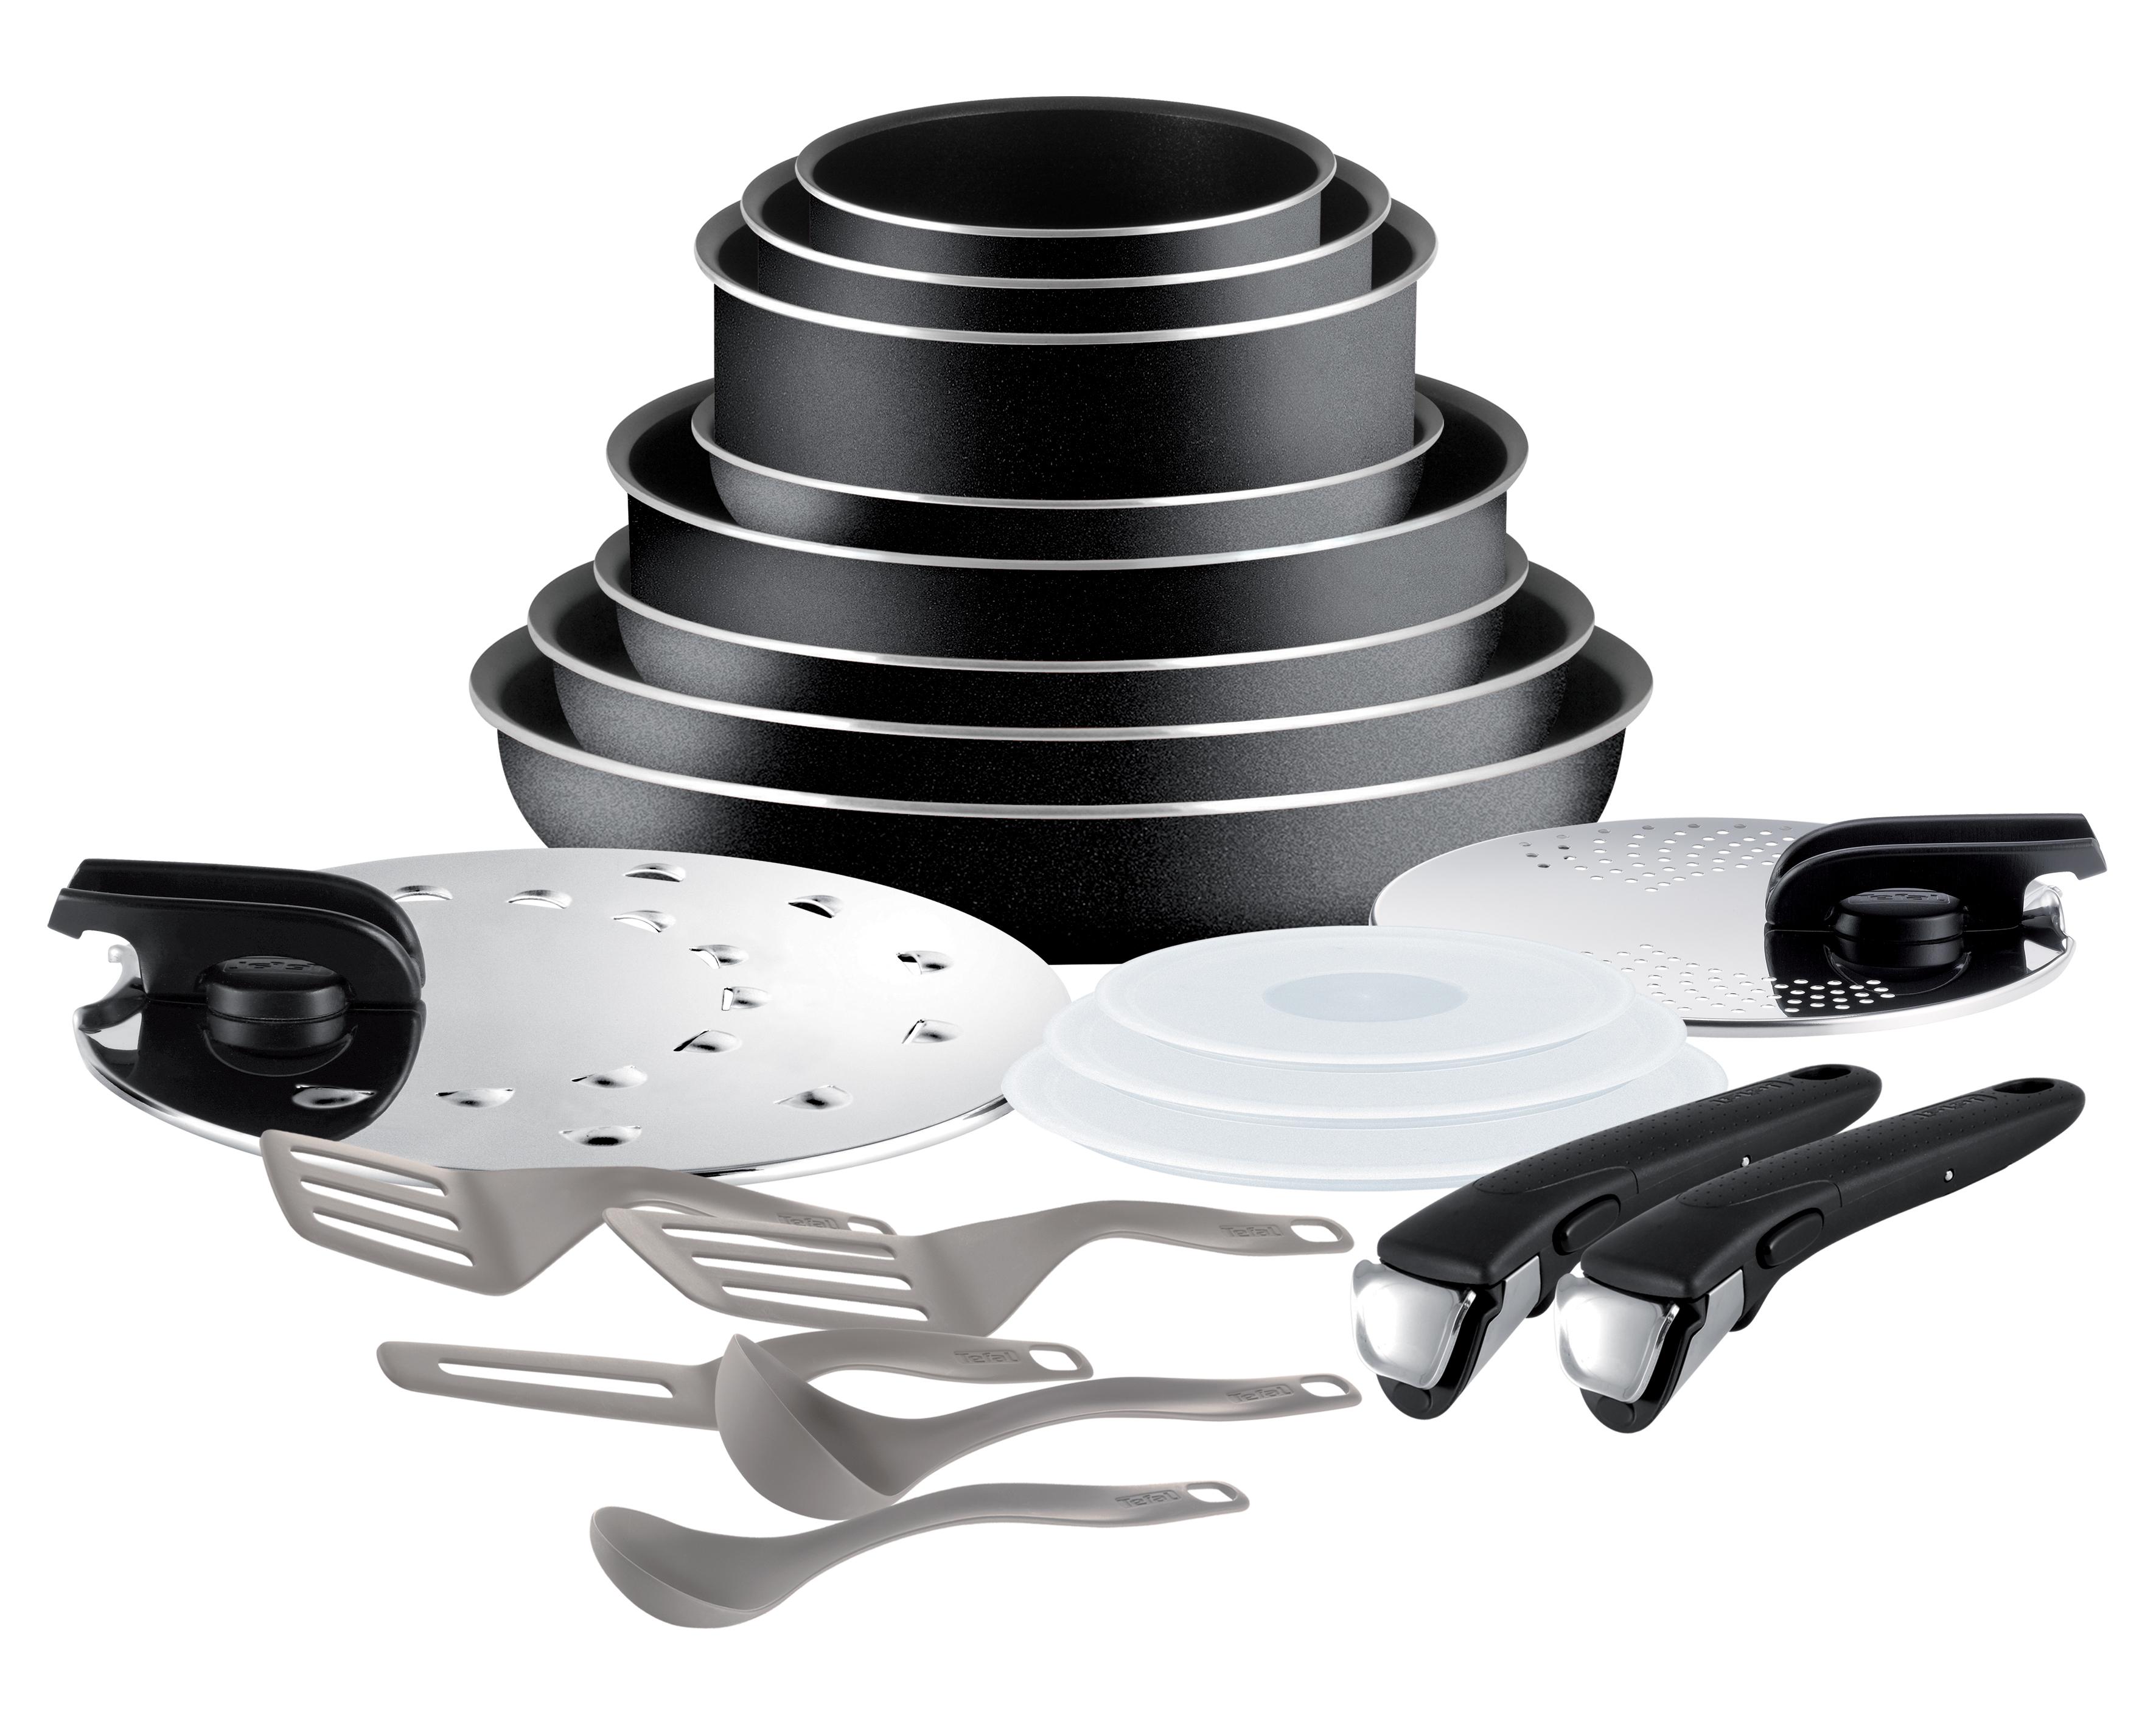 tefal set de po les et casseroles ingenio essential noir 20 pi ces pas cher achat. Black Bedroom Furniture Sets. Home Design Ideas